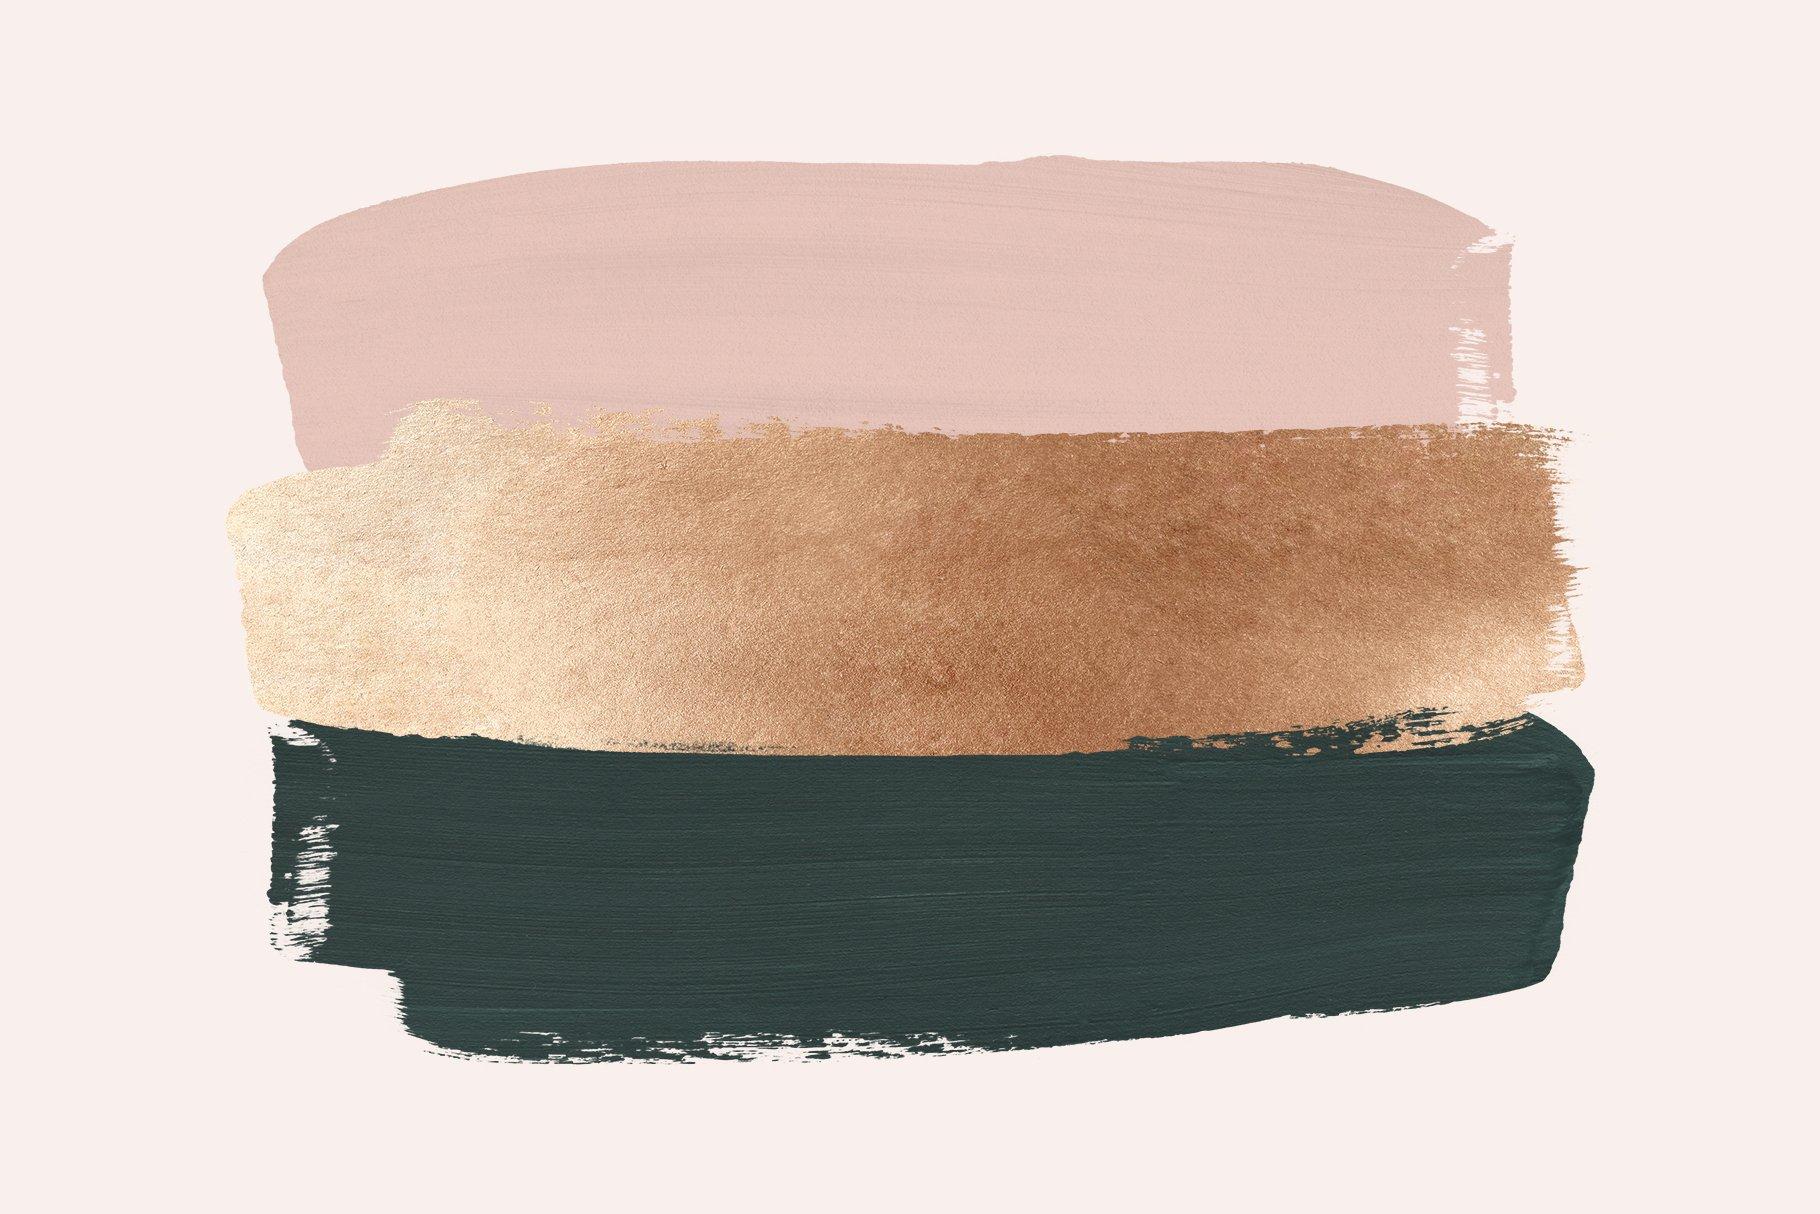 [淘宝购买] 时尚优雅抽象多彩丙烯酸颜料笔刷肌理背景PNG图片素材 Painterly Shapes & Backgrounds插图(9)